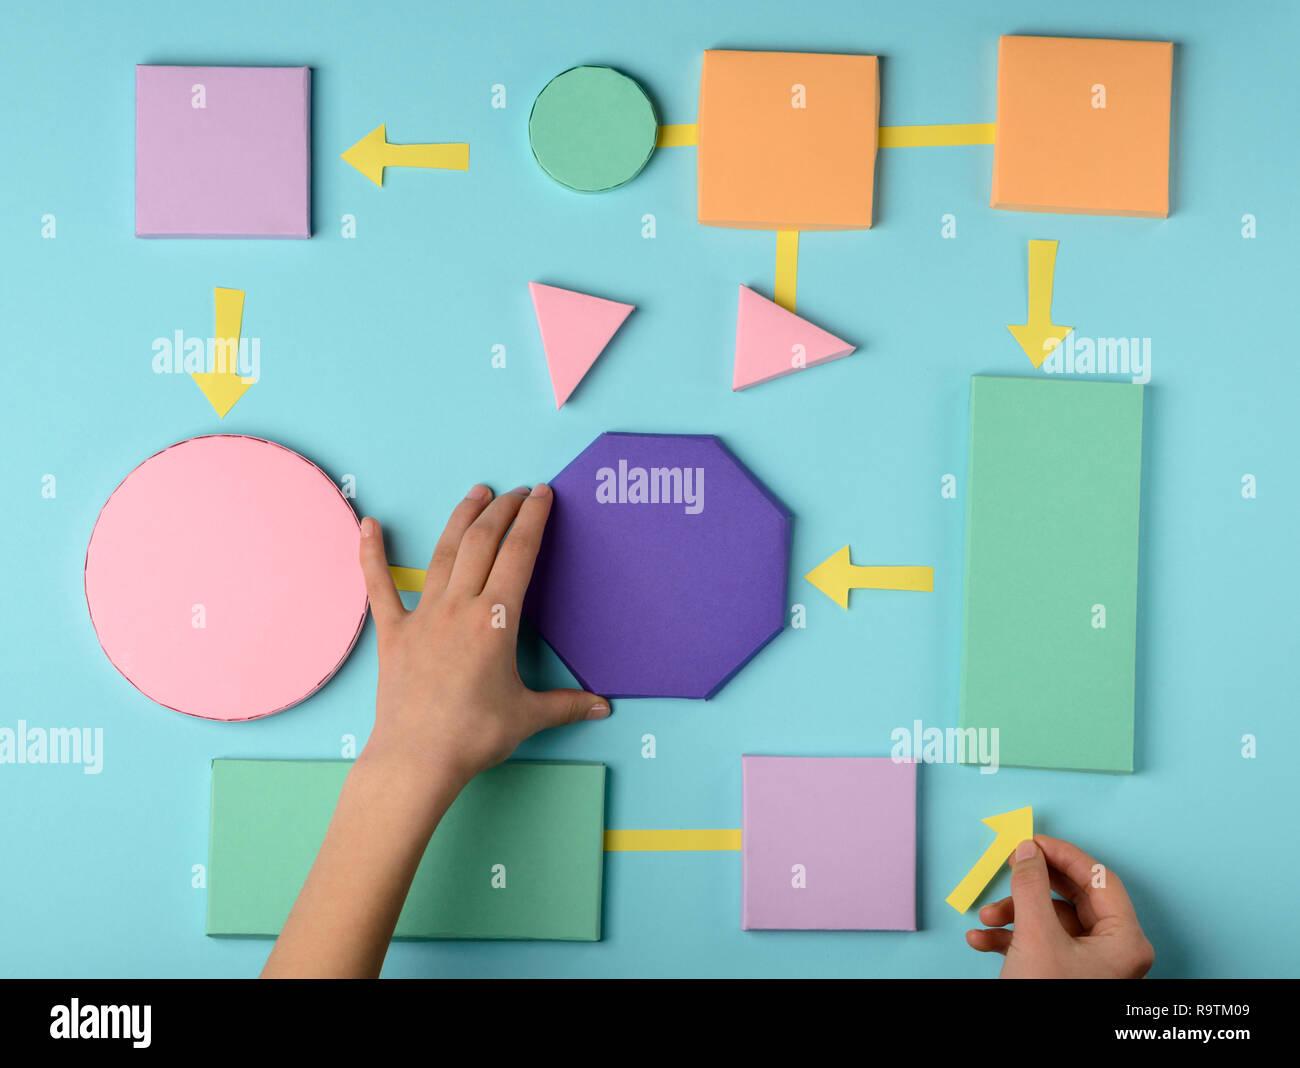 Algorithmus Farbe Papier Modell, flach. Organisatorische Fähigkeiten, Business Strategie Konzept. Stockbild